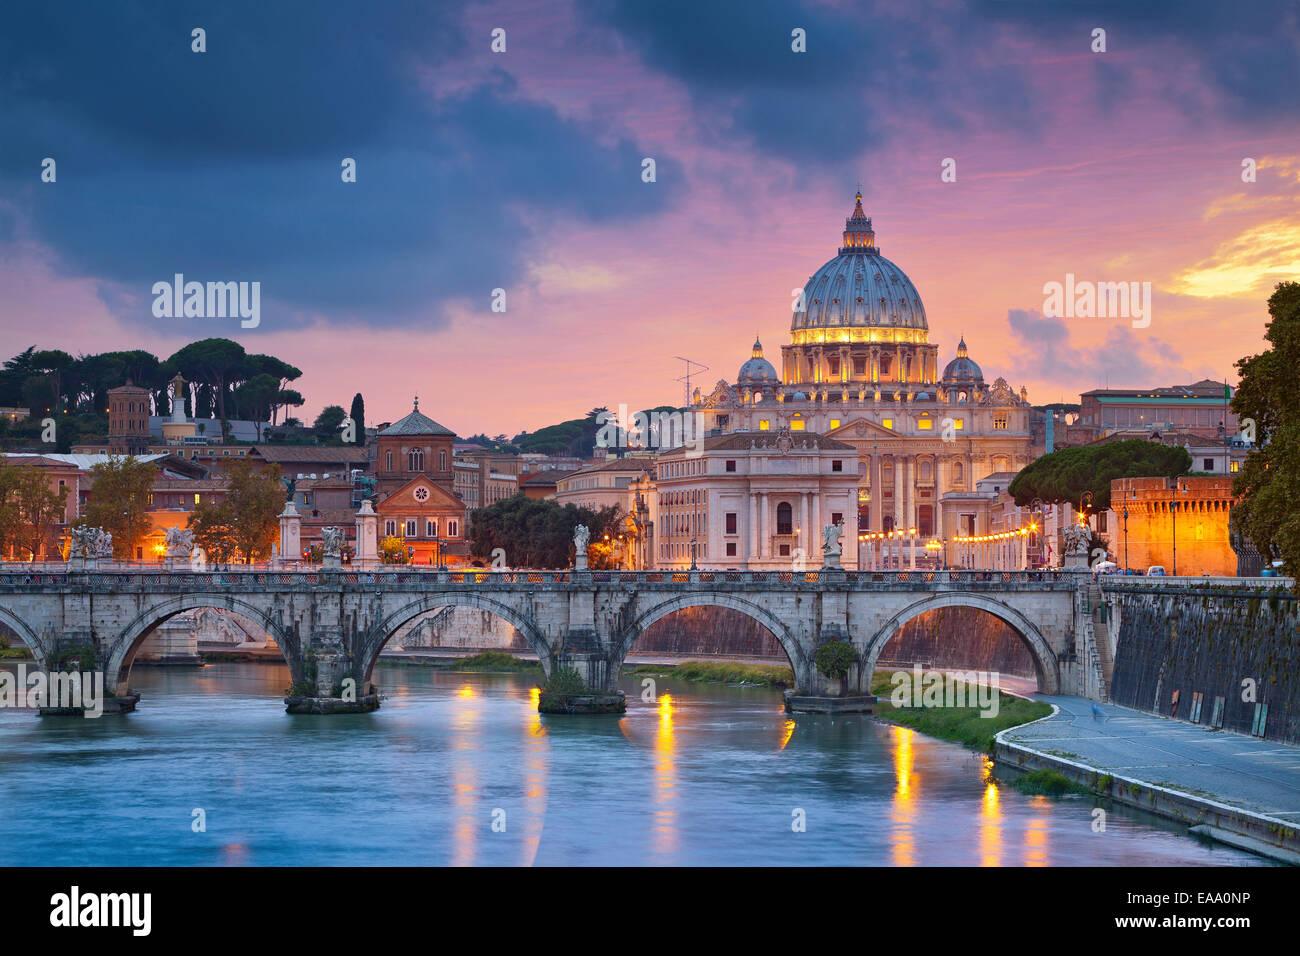 Vue de la cathédrale Saint-Pierre à Rome, Italie au cours de beau coucher du soleil. Photo Stock